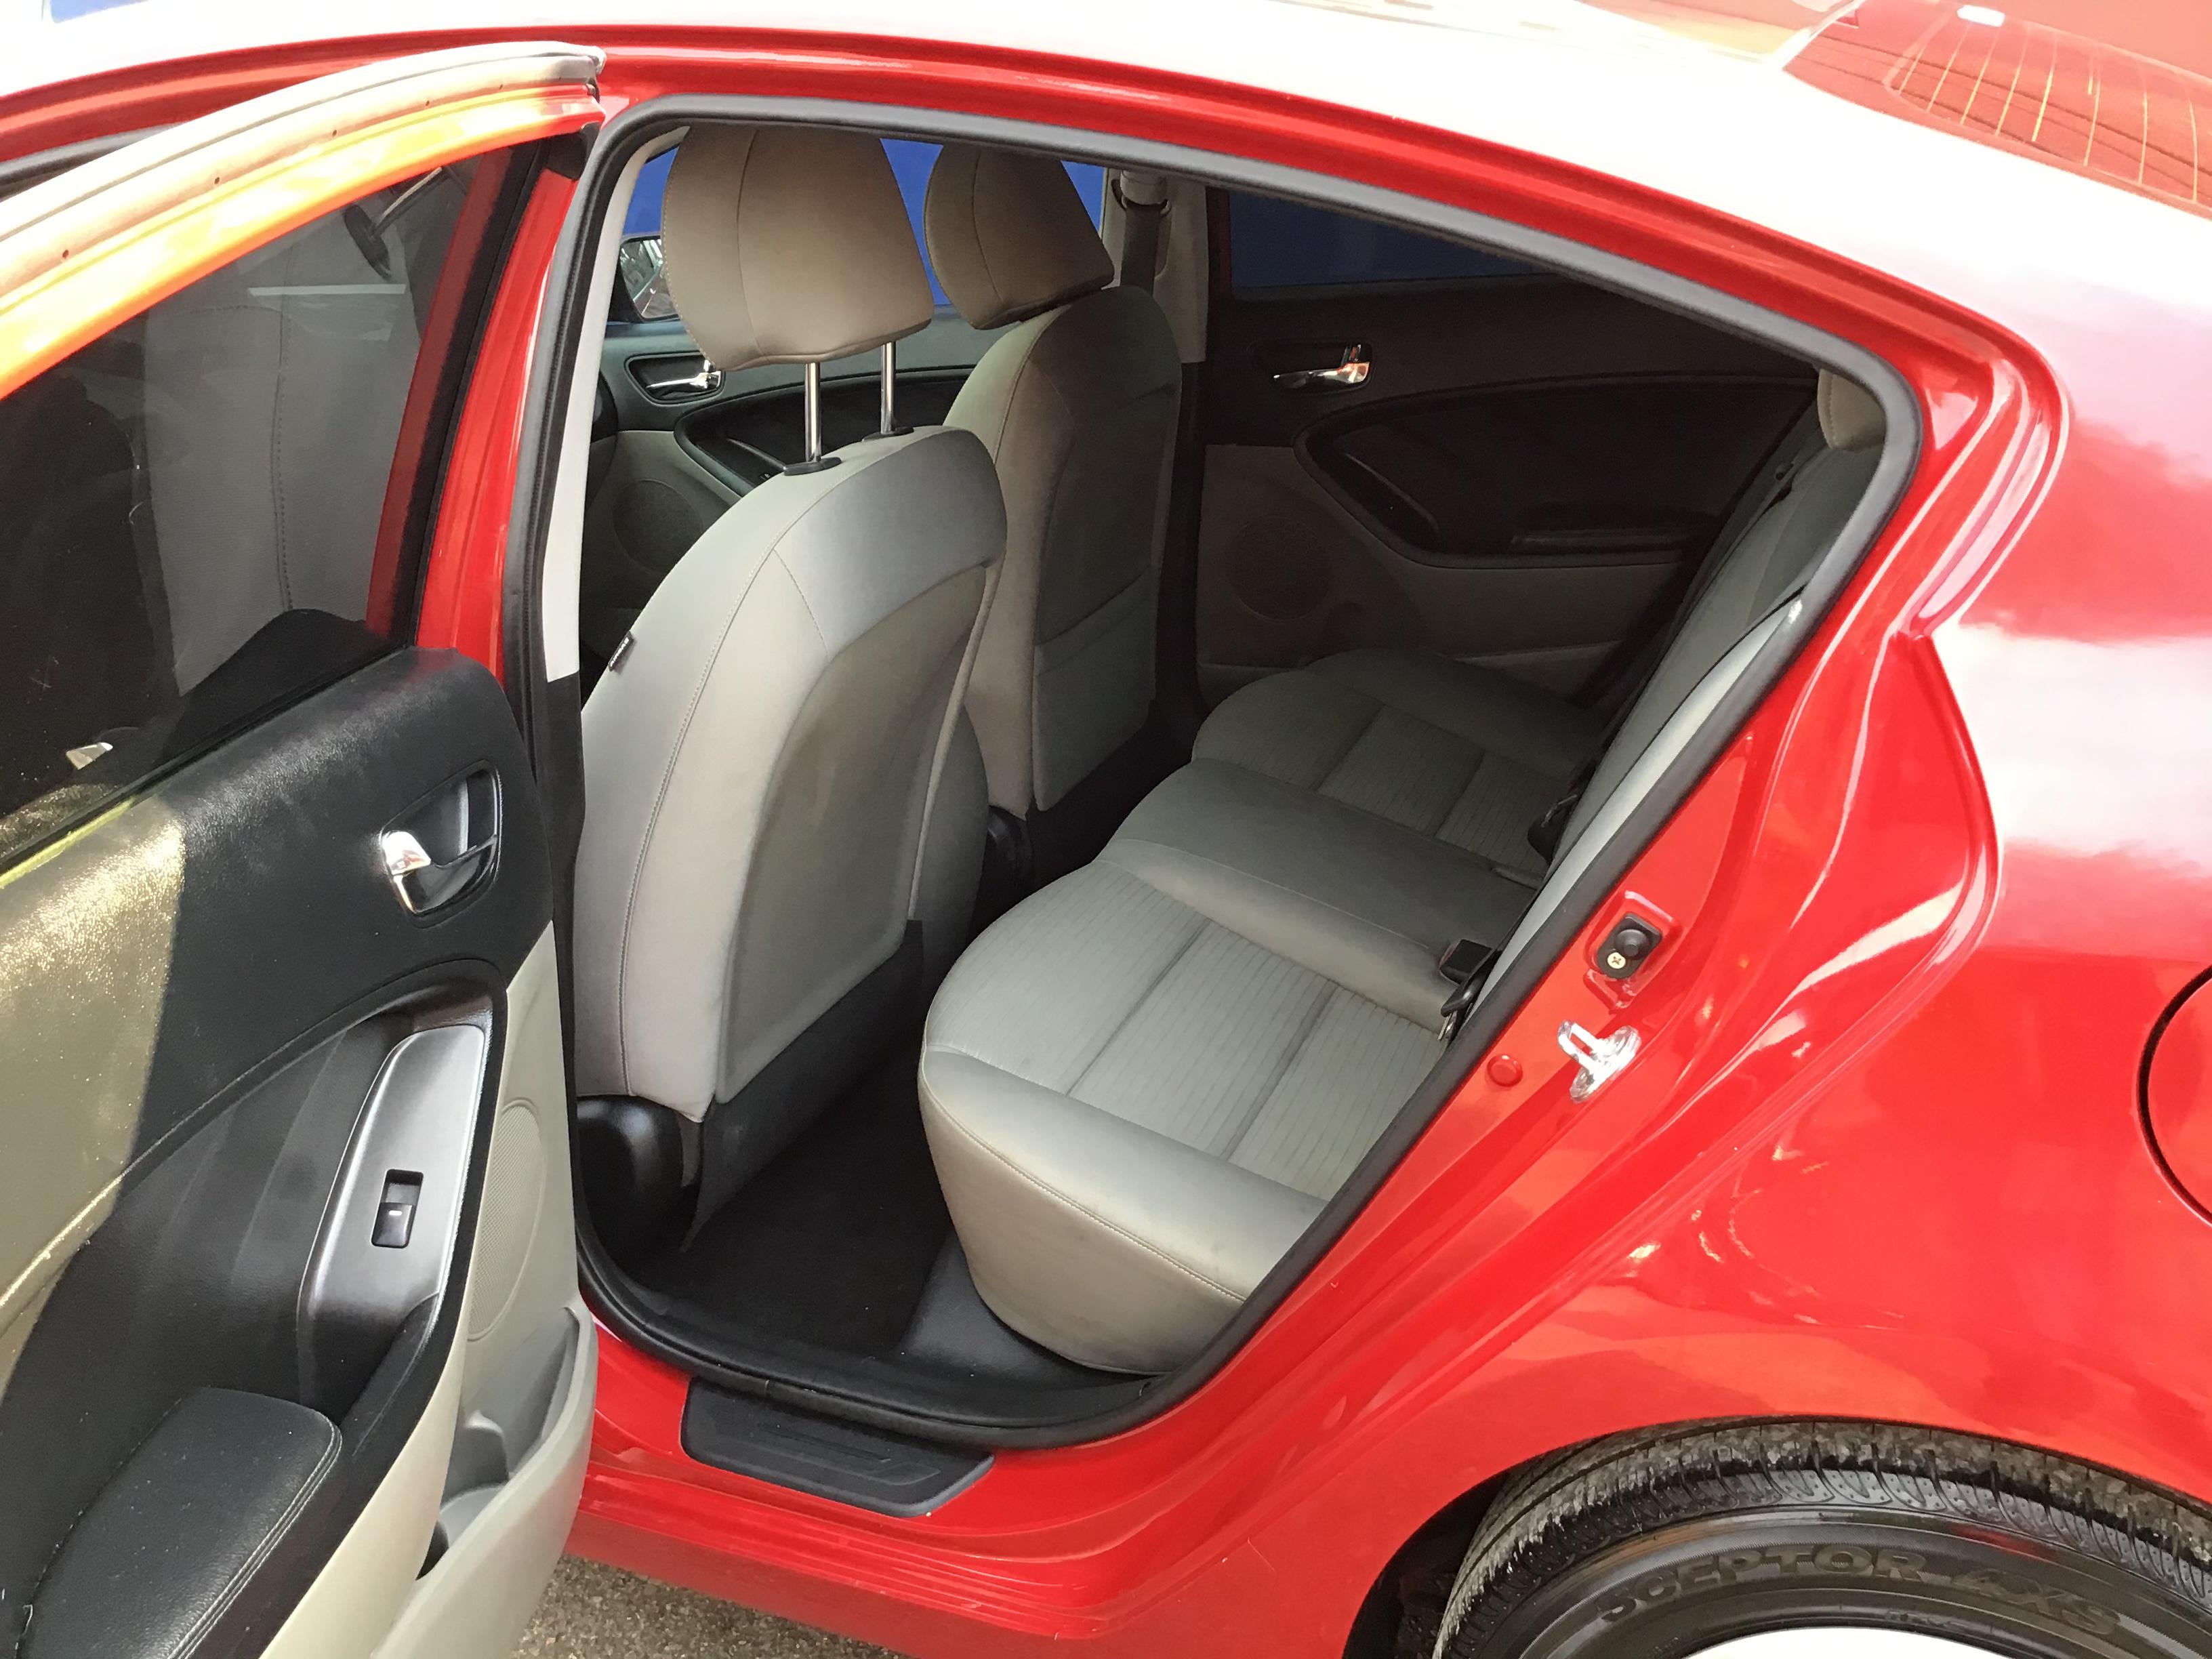 used vehicle - Sedan KIA FORTE 2015